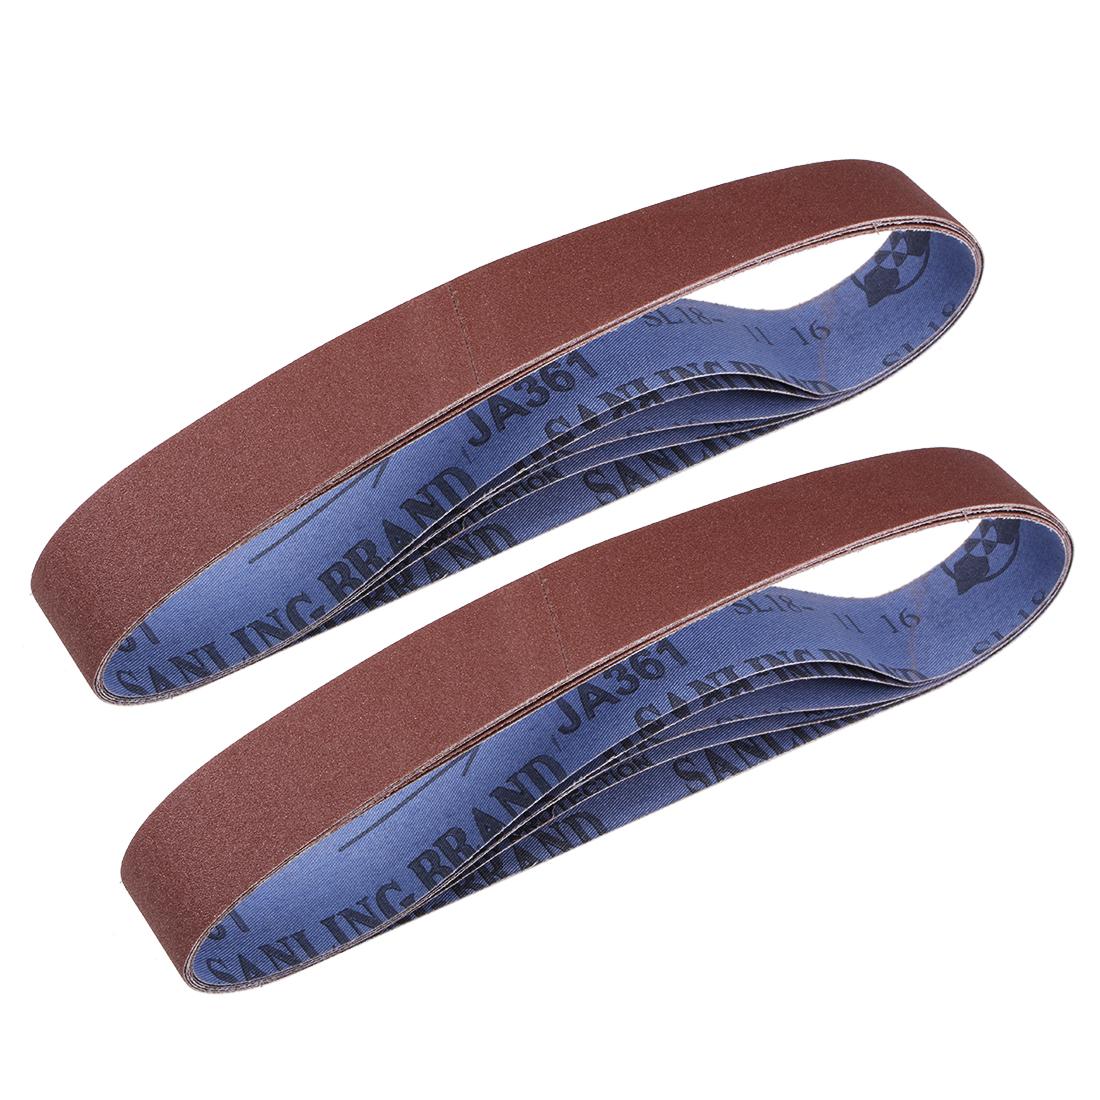 1.2 x 21 Inch Sanding Belts 180 Grit Aluminum Oxide Sand Belts 10pcs